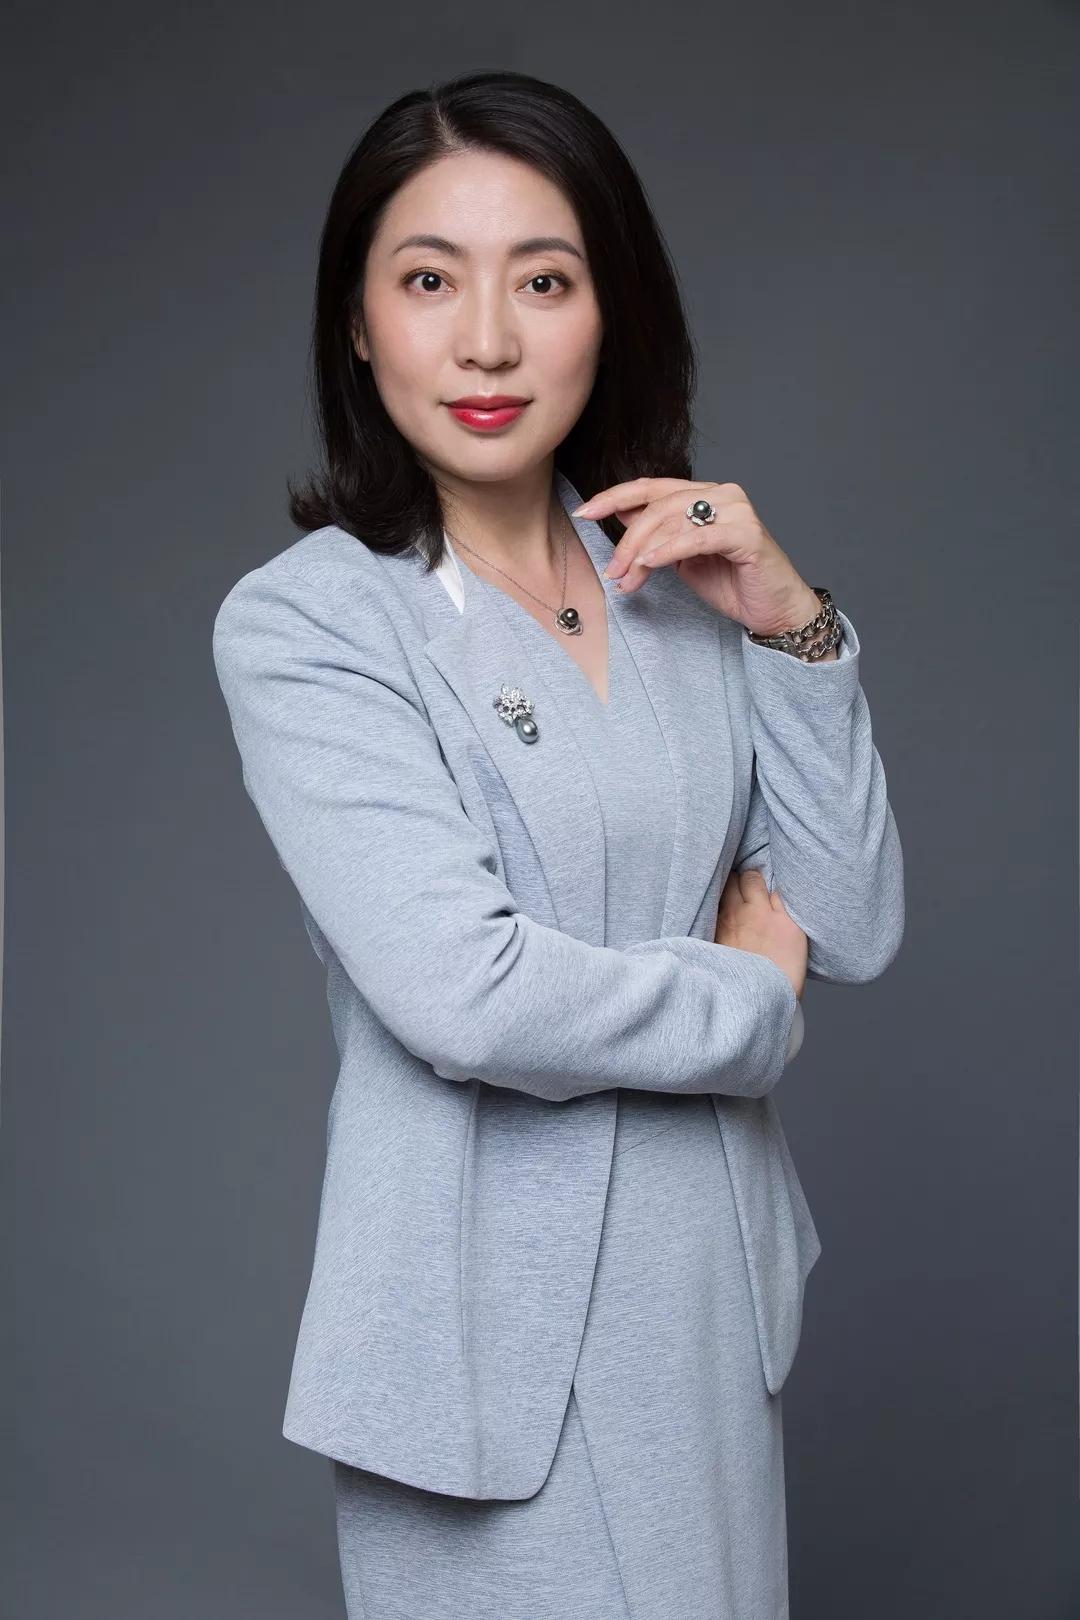 我们的新时代 | 广州日报人物专访—冠昊科技园总经理张倩